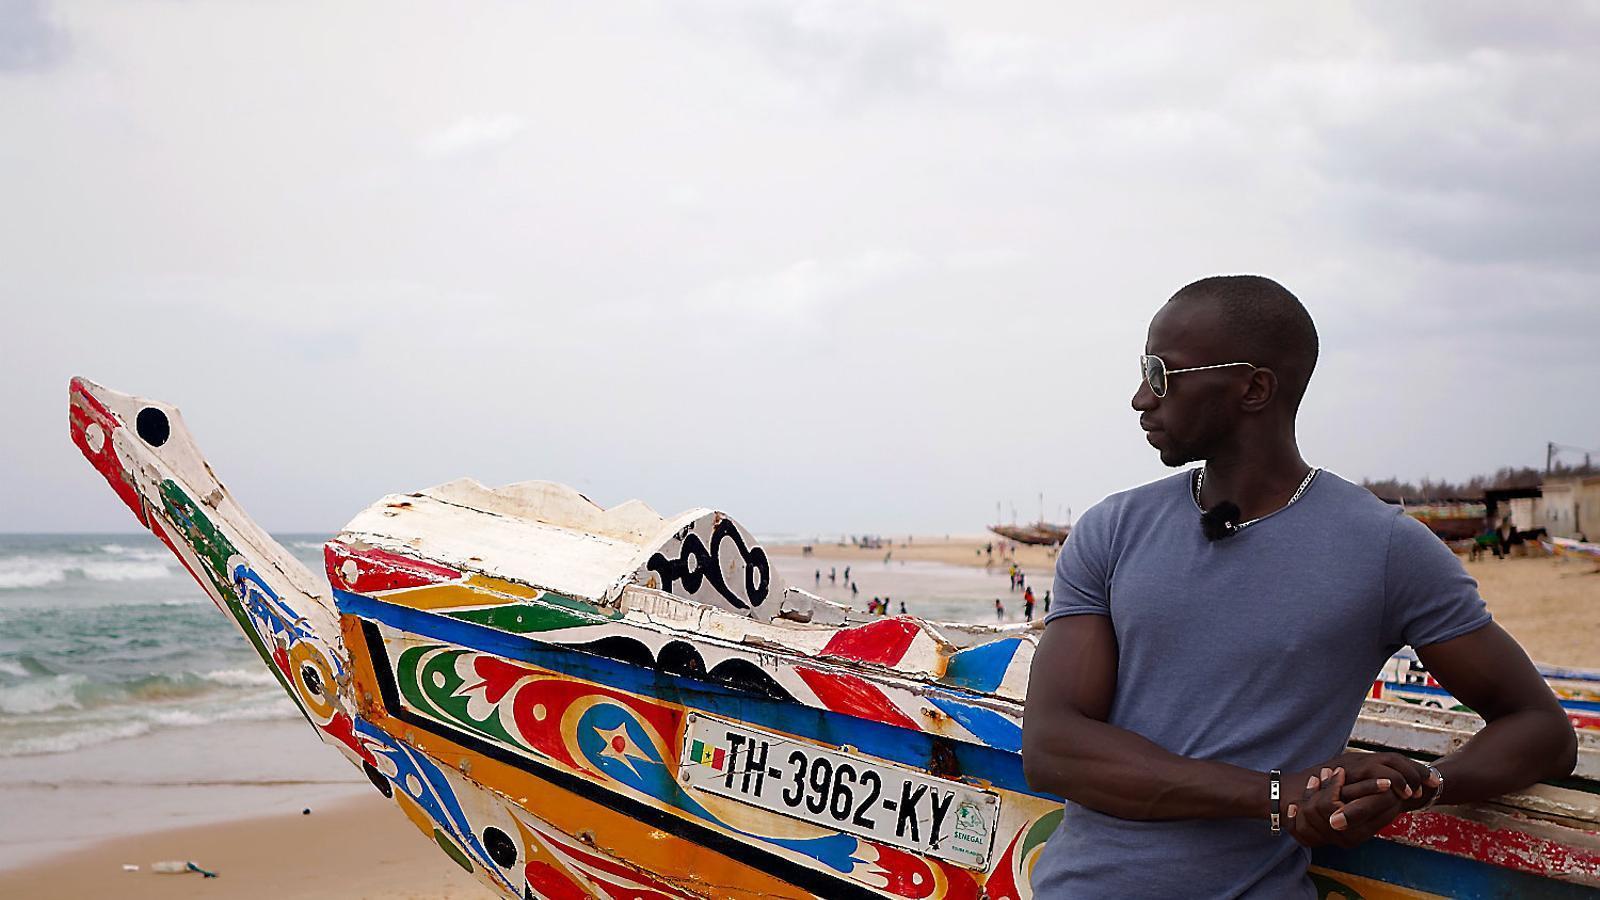 Omar Sylla aquesta setmana a la platja de Kayar, a onze quilòmetres del seu poble, des d'on va sortir amb la pastera, davant d'una barca de pescadors. La pastera era semblant, però més gran, duia 150 persones